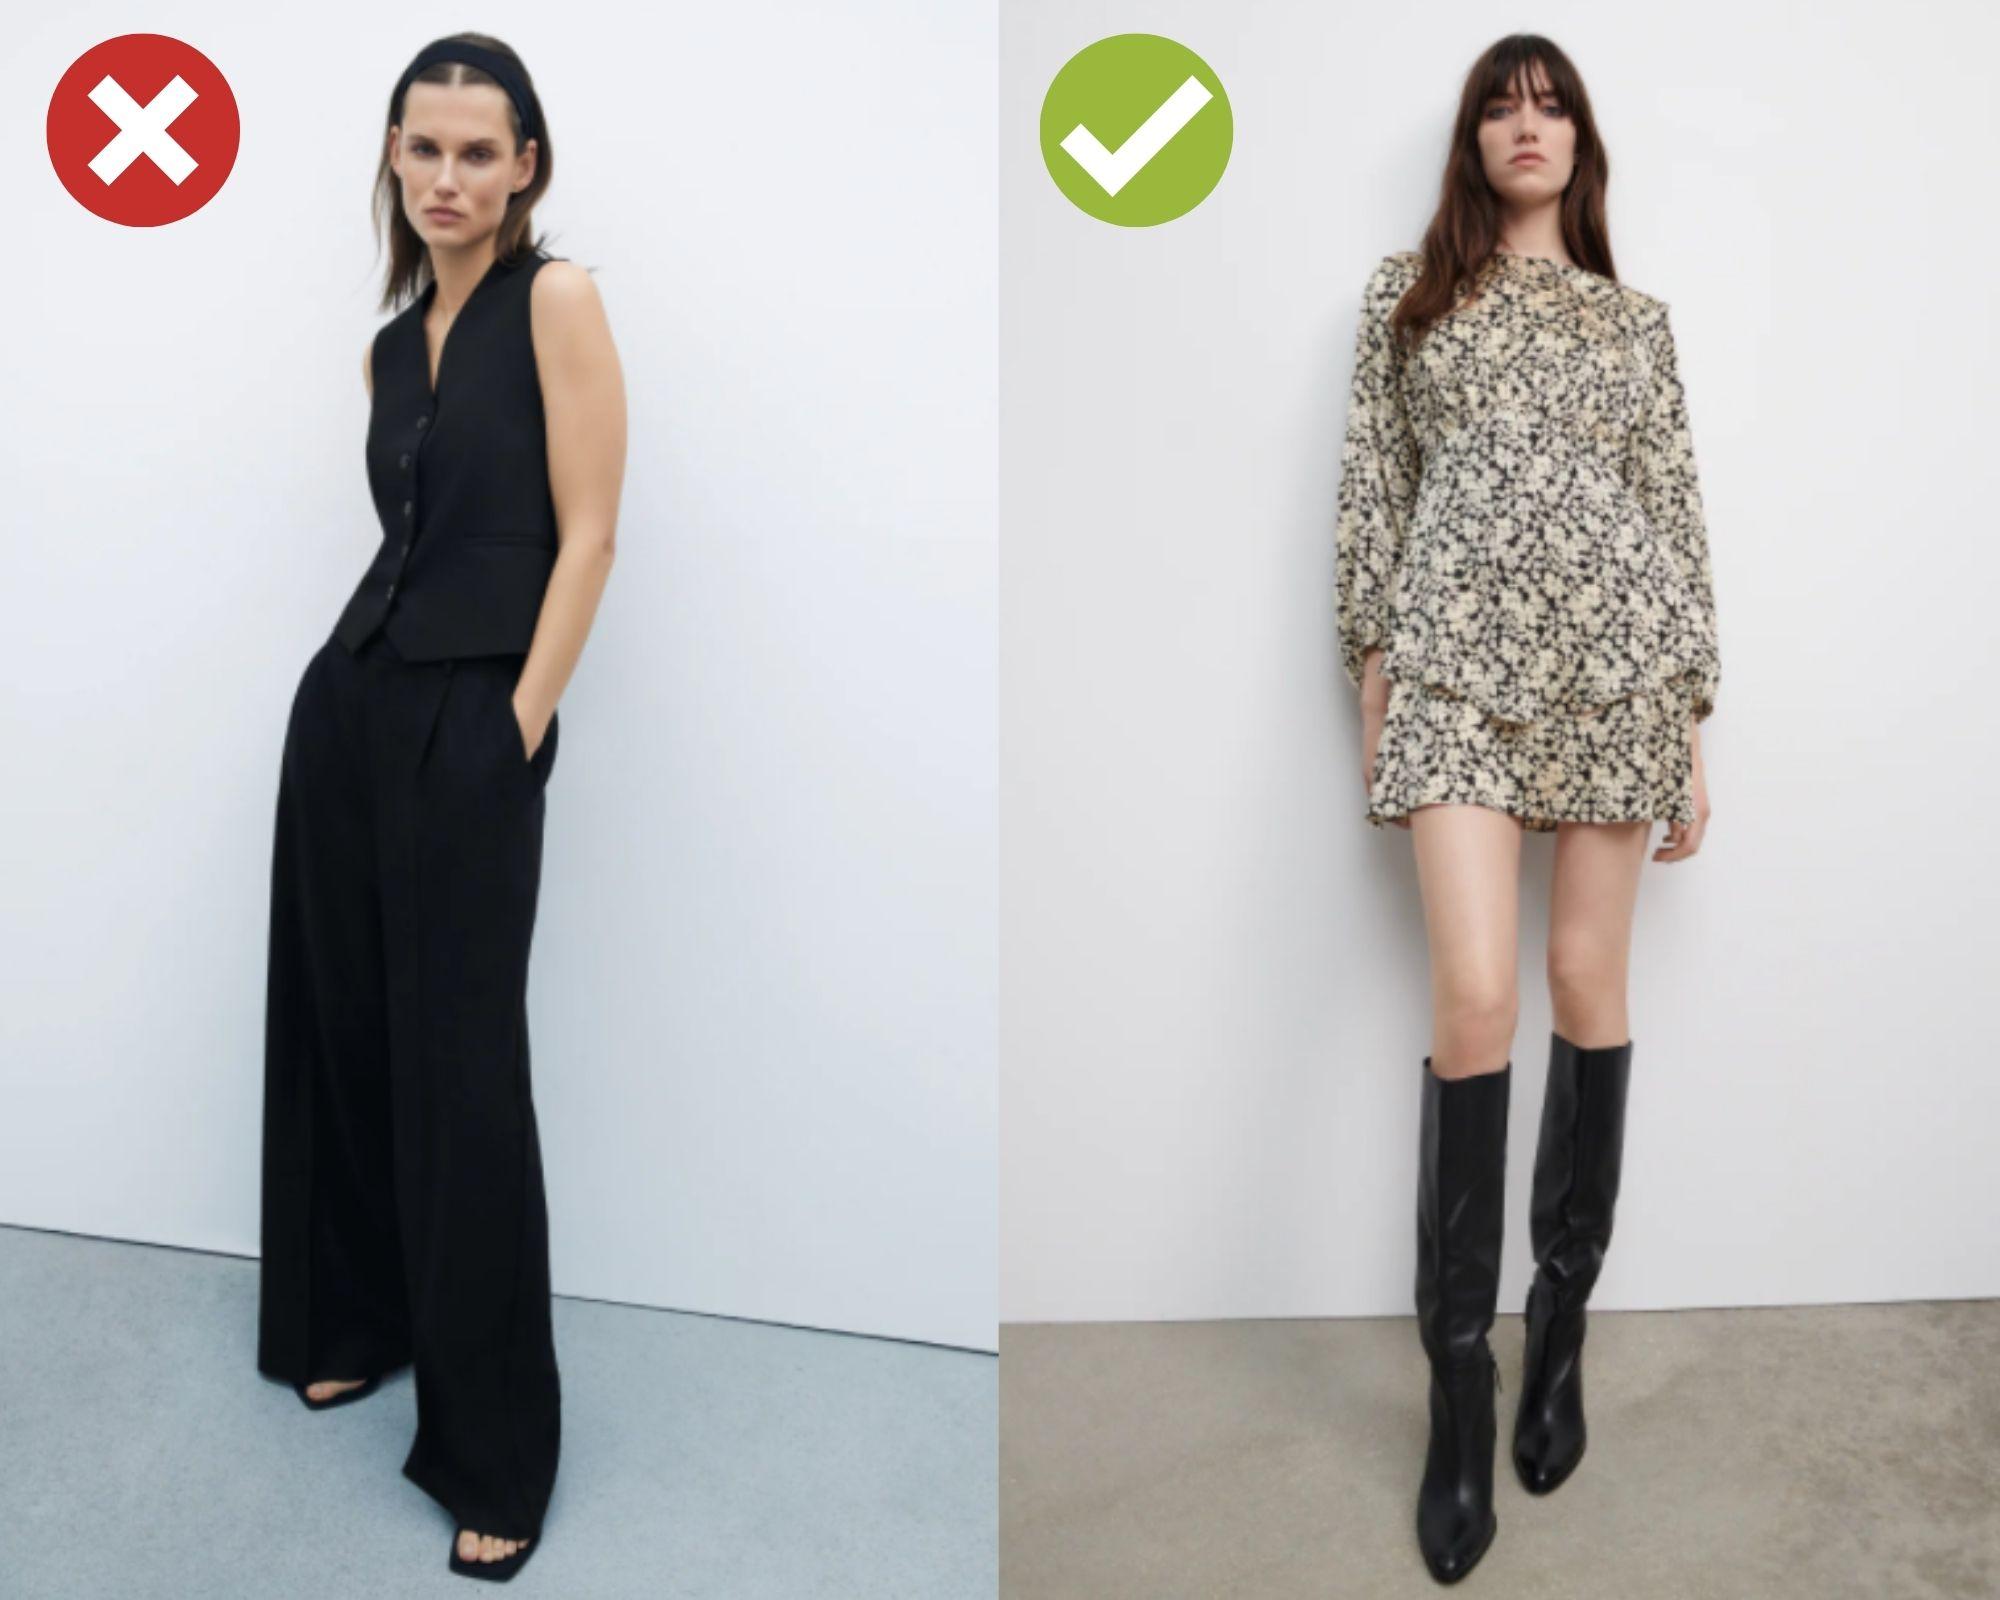 Những items các BTV sẽ mua và không mua ở Zara, chị em xem mà rút kinh nghiệm shopping đồ diện Tết - Ảnh 1.